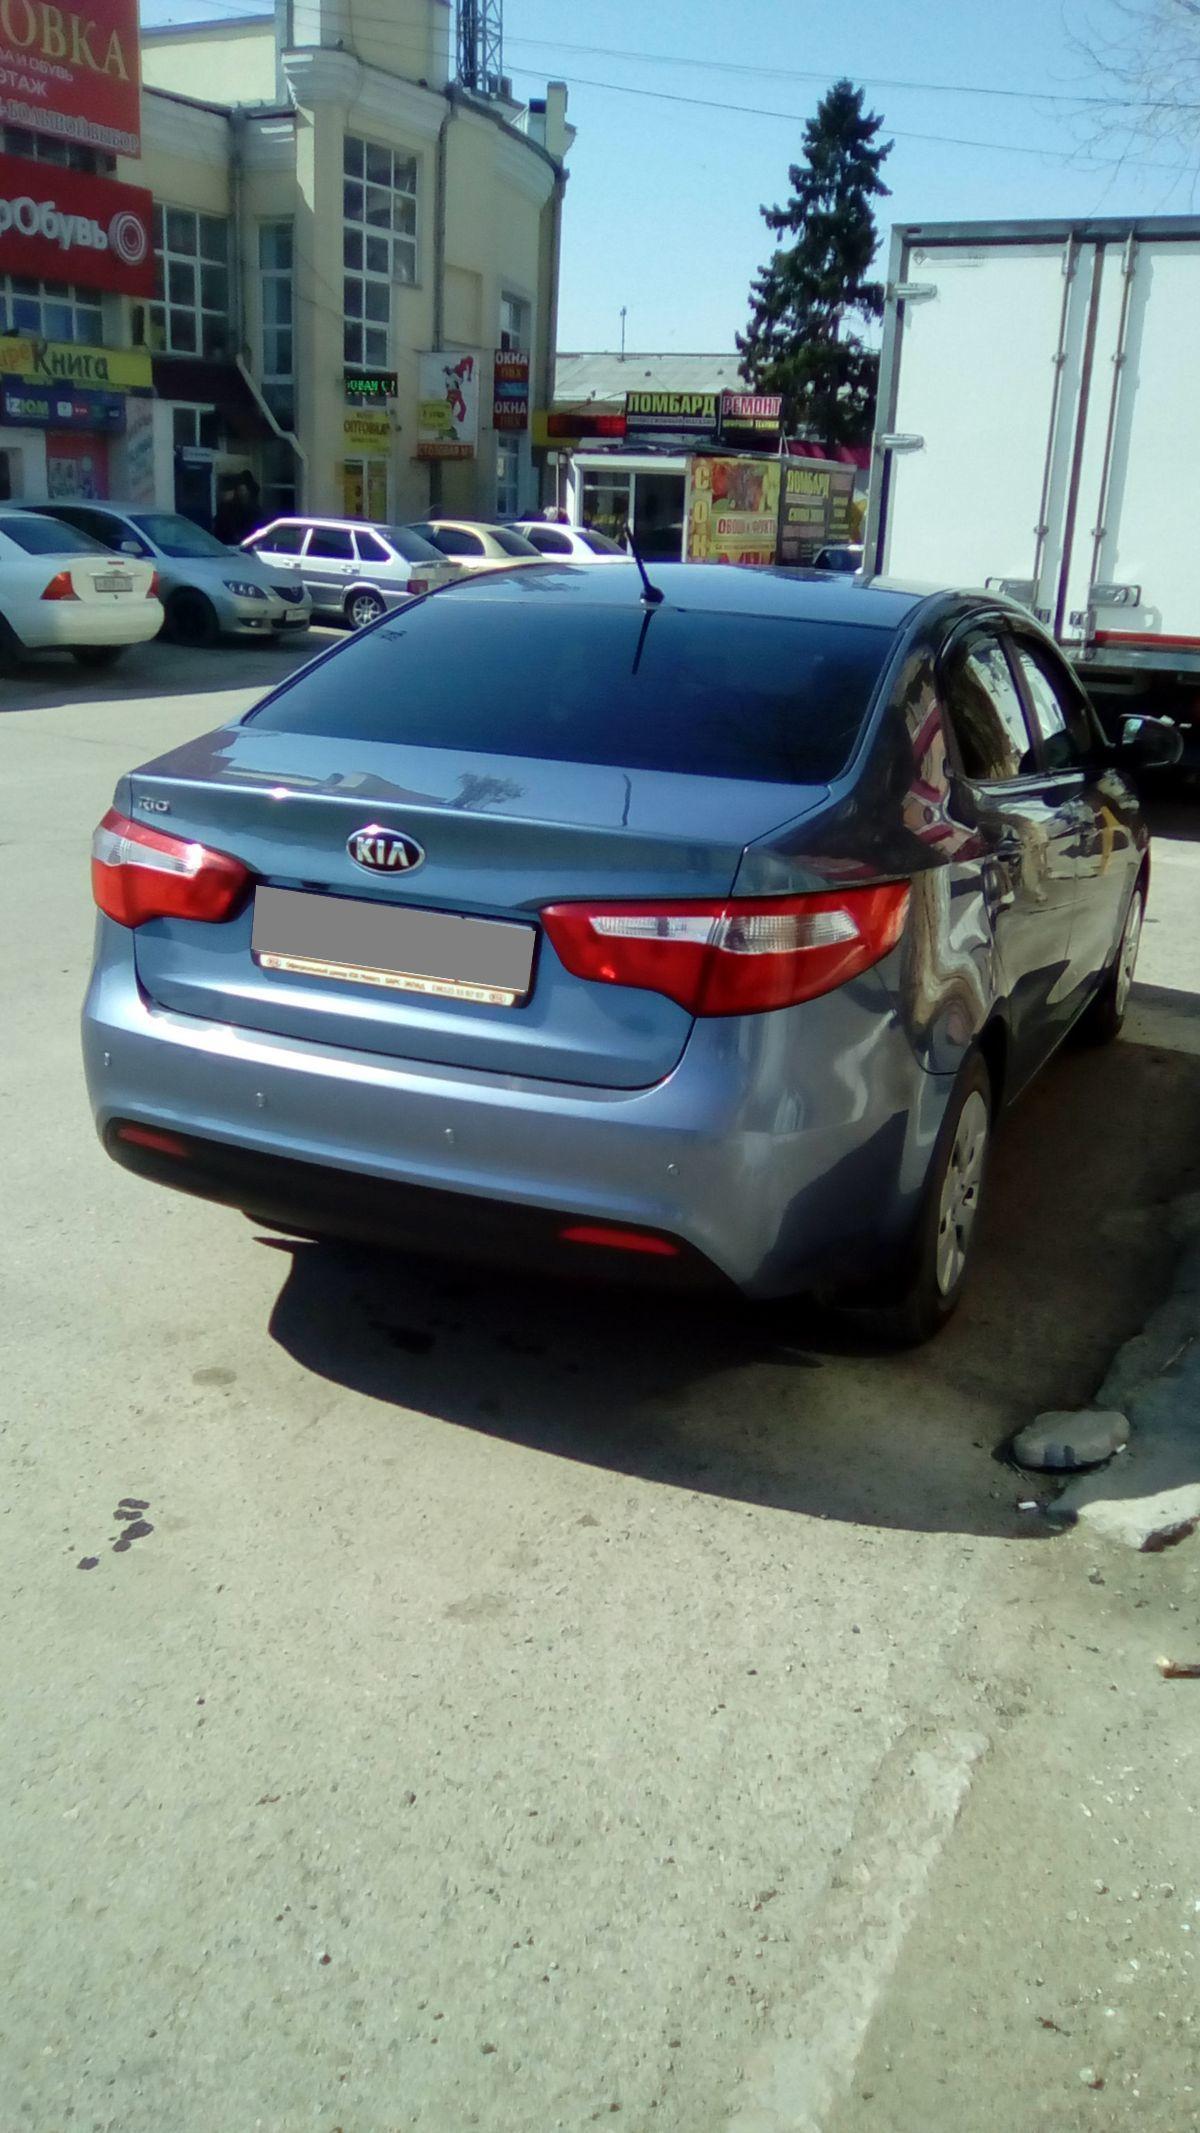 Продажа из ломбарда автомобилей в омске автоломбарды купить